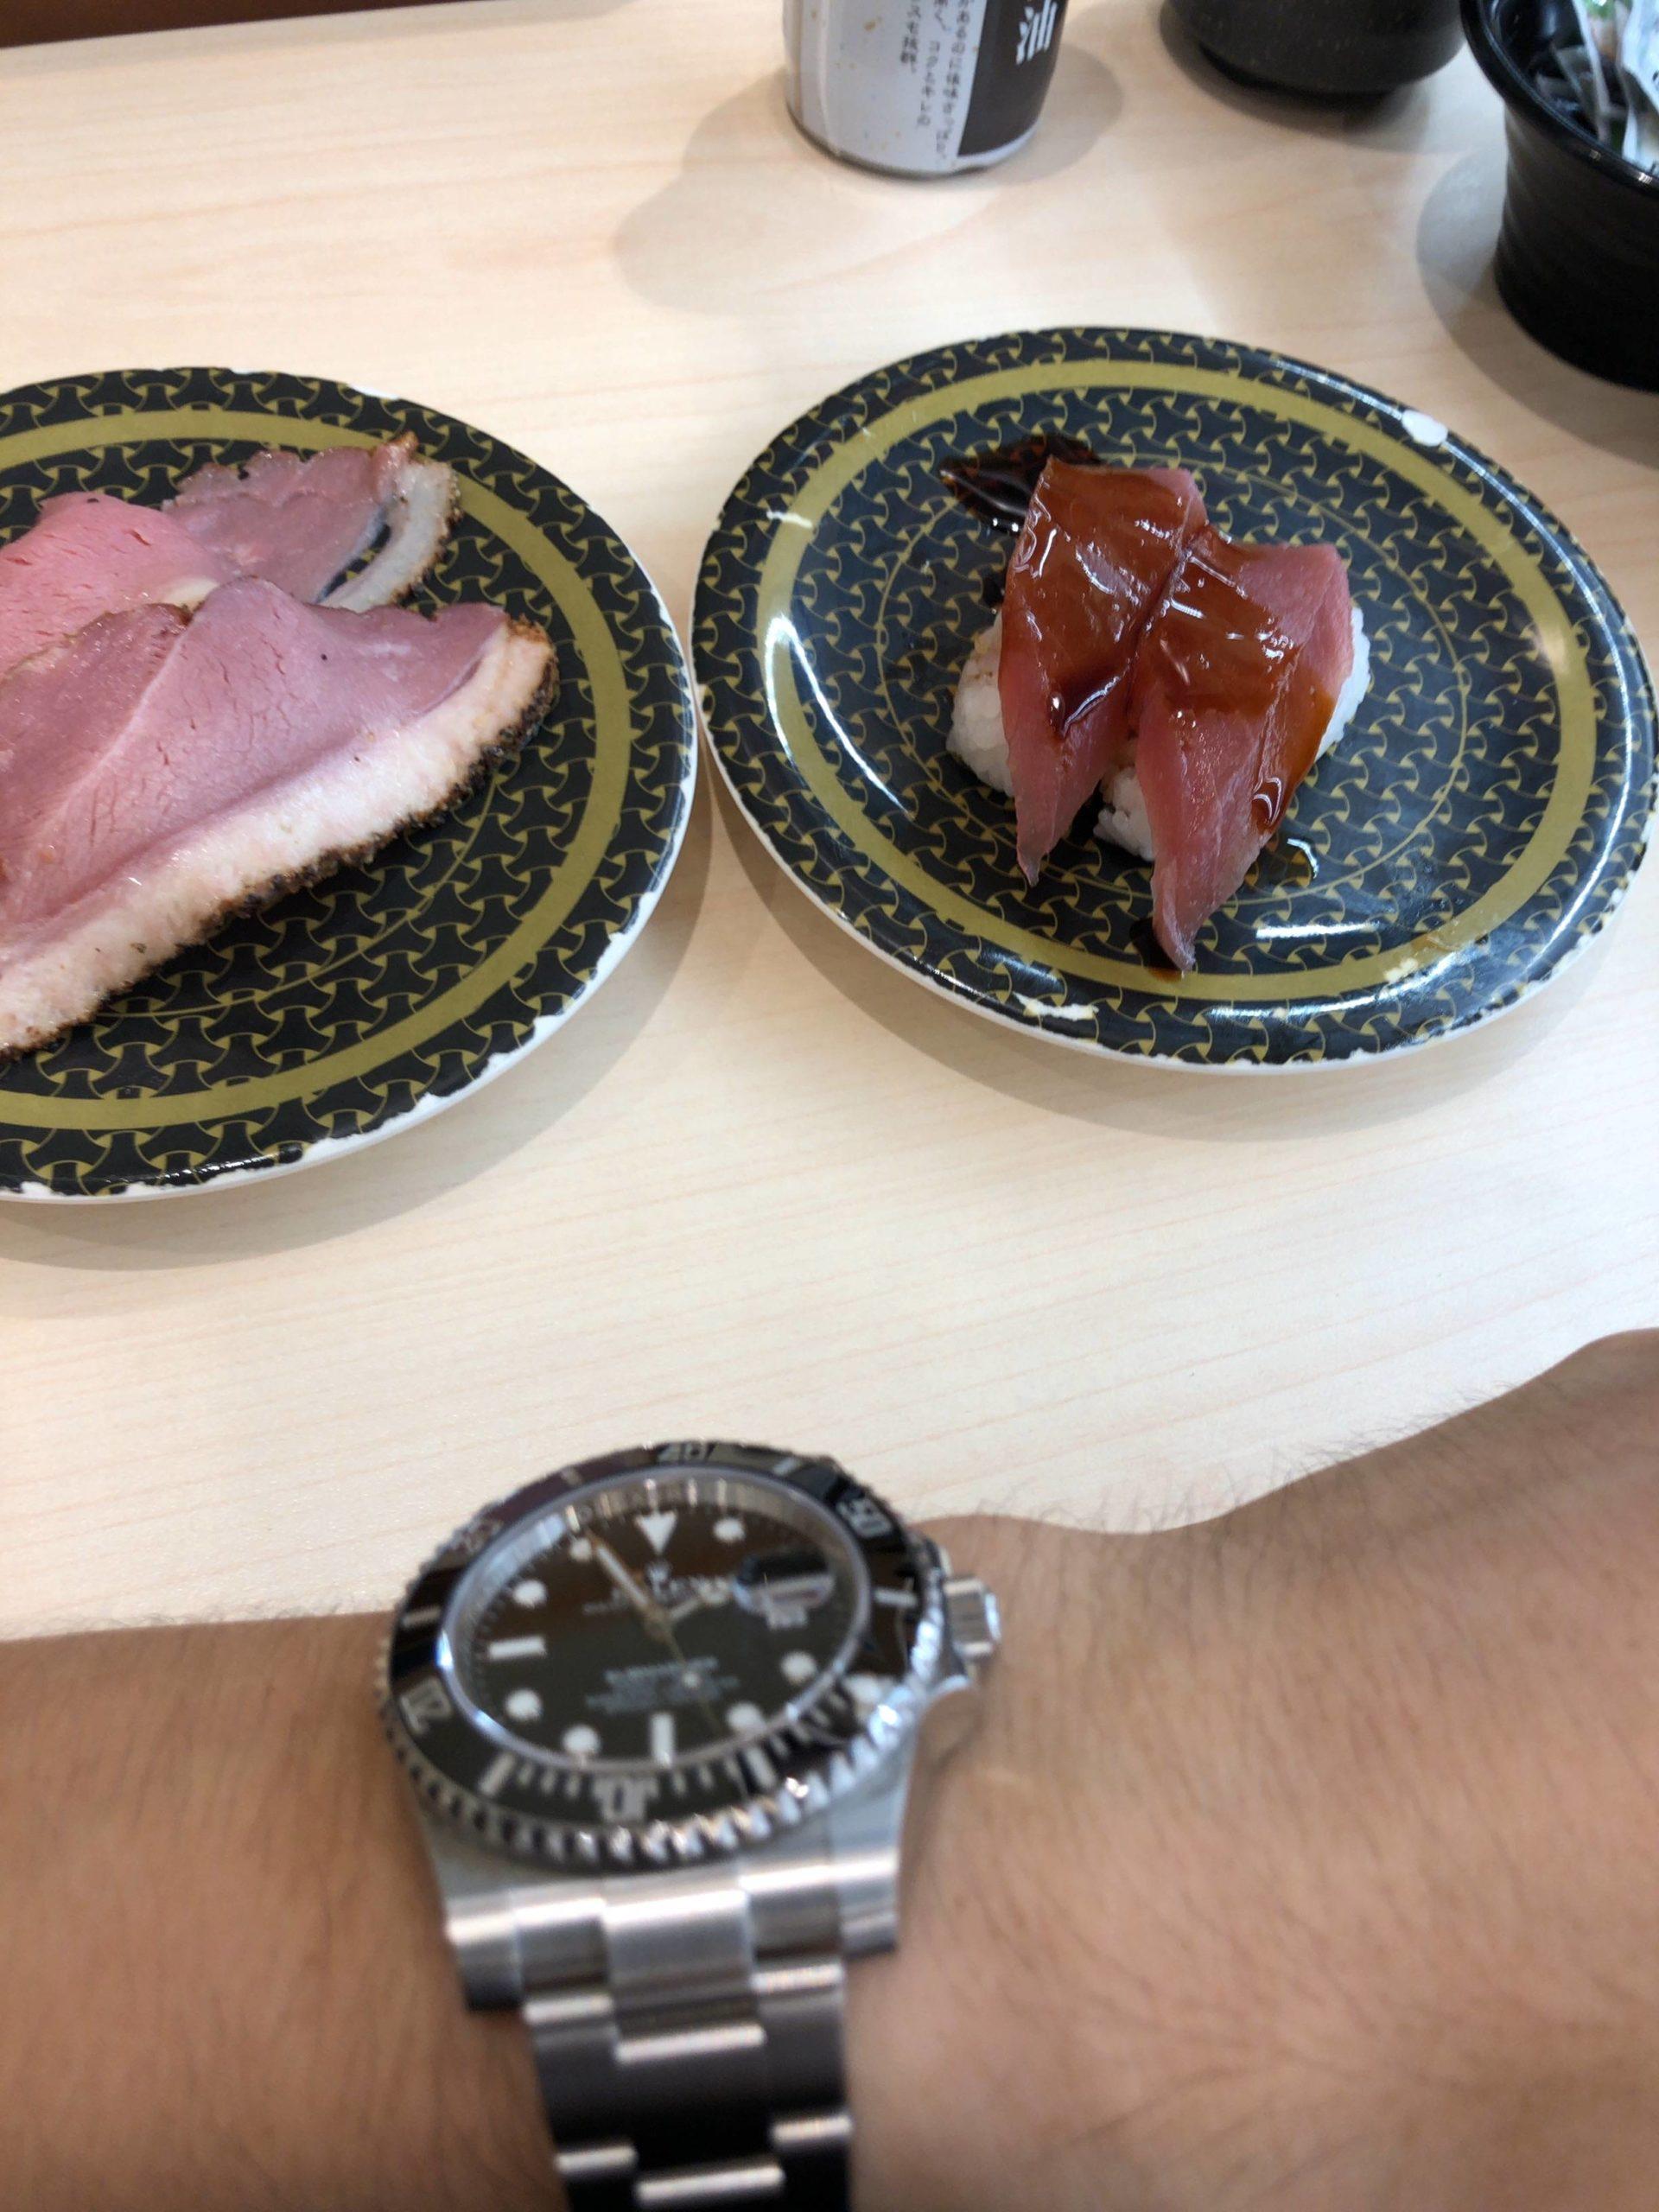 僕、寿司屋で豪遊wwwwwwwwww